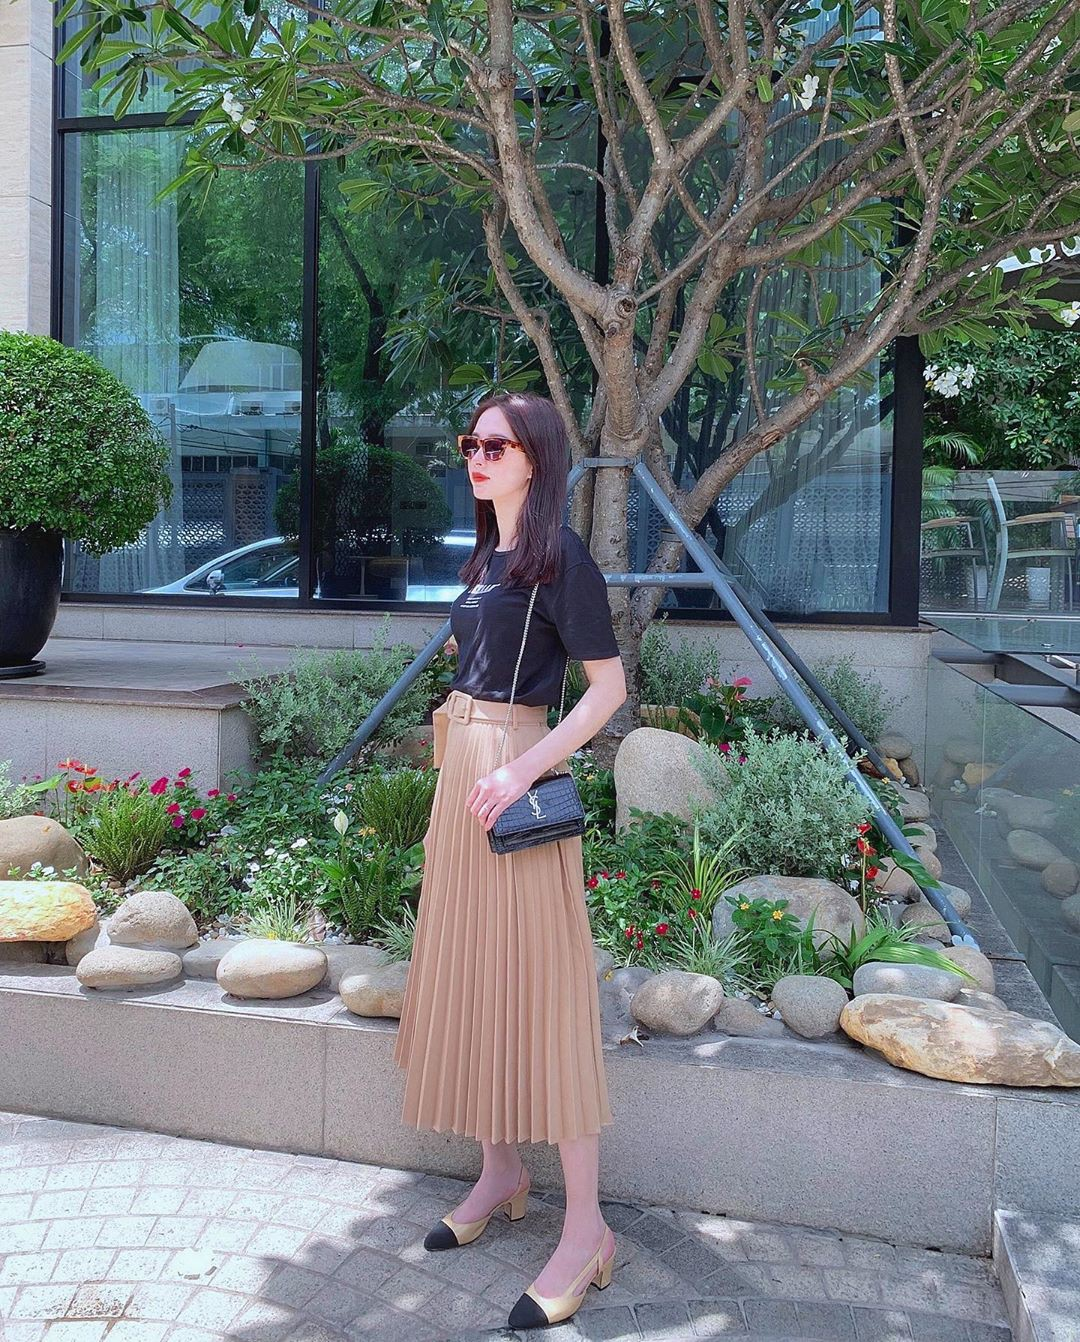 Chân váy xếp ly vẫn chưa hạ nhiệt: Được các sao nữ nổi tiếng mặc đẹp mê tít, mix&match bao kiểu tuyệt xinh - Ảnh 1.